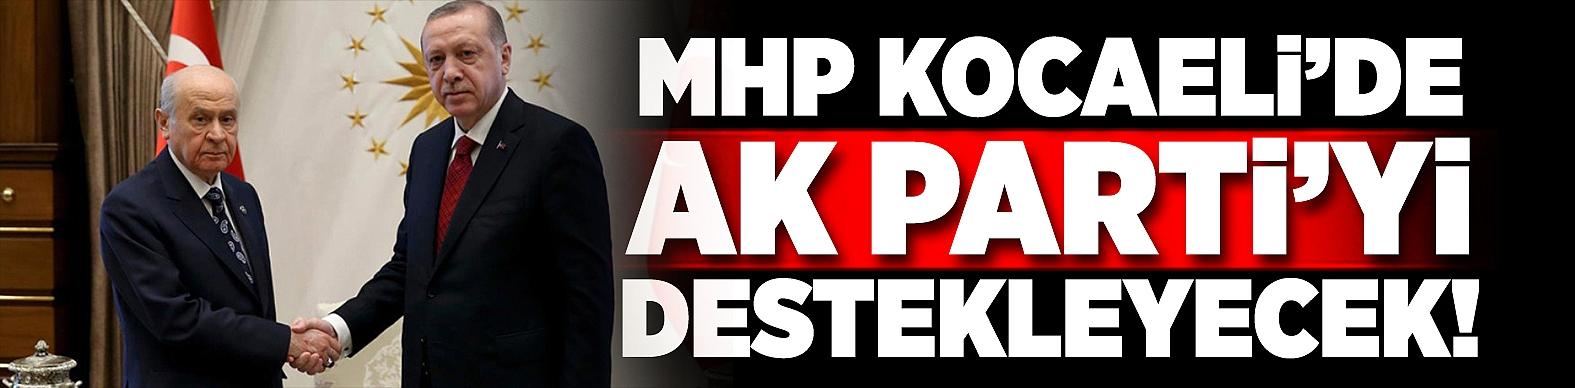 MHP Kocaeli'de AK Parti'yi destekleyecek!